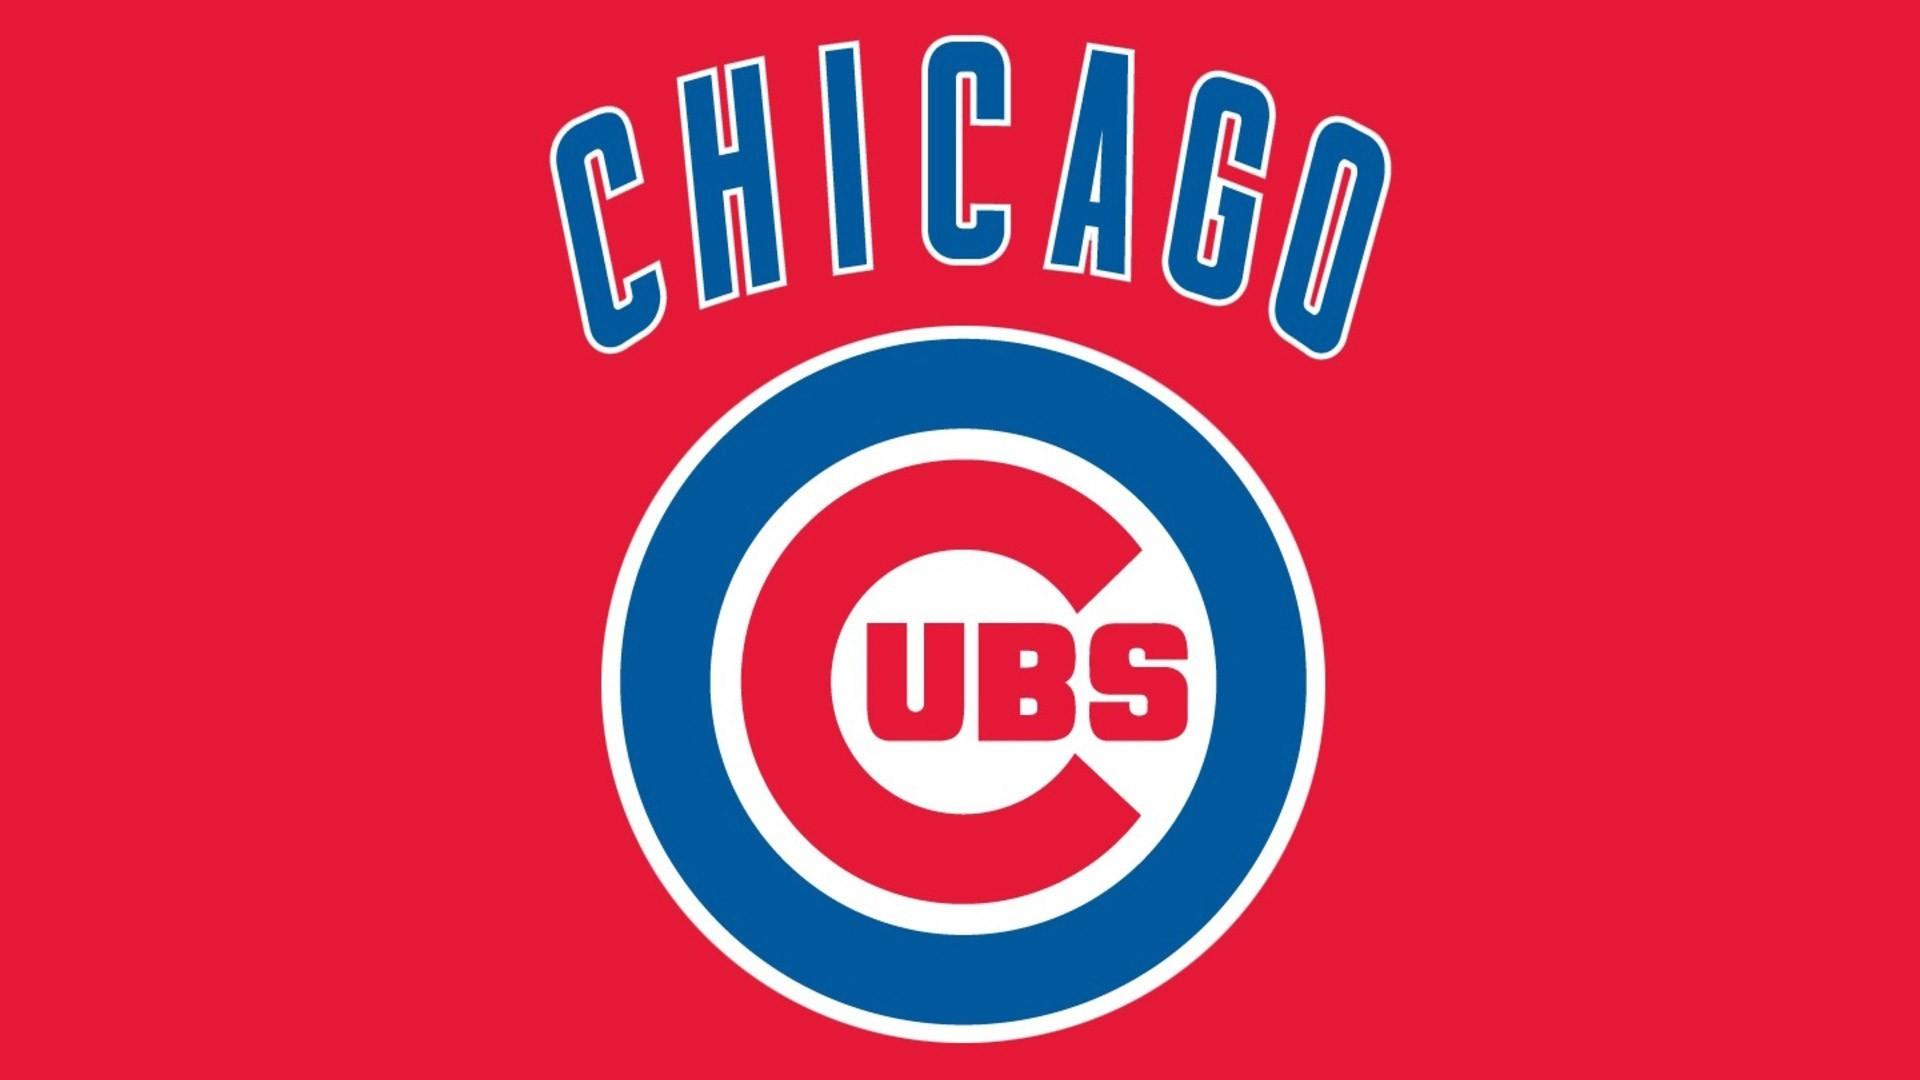 chicago cubs wallpaper free hd widescreen, 125 kB – Edgar Cook